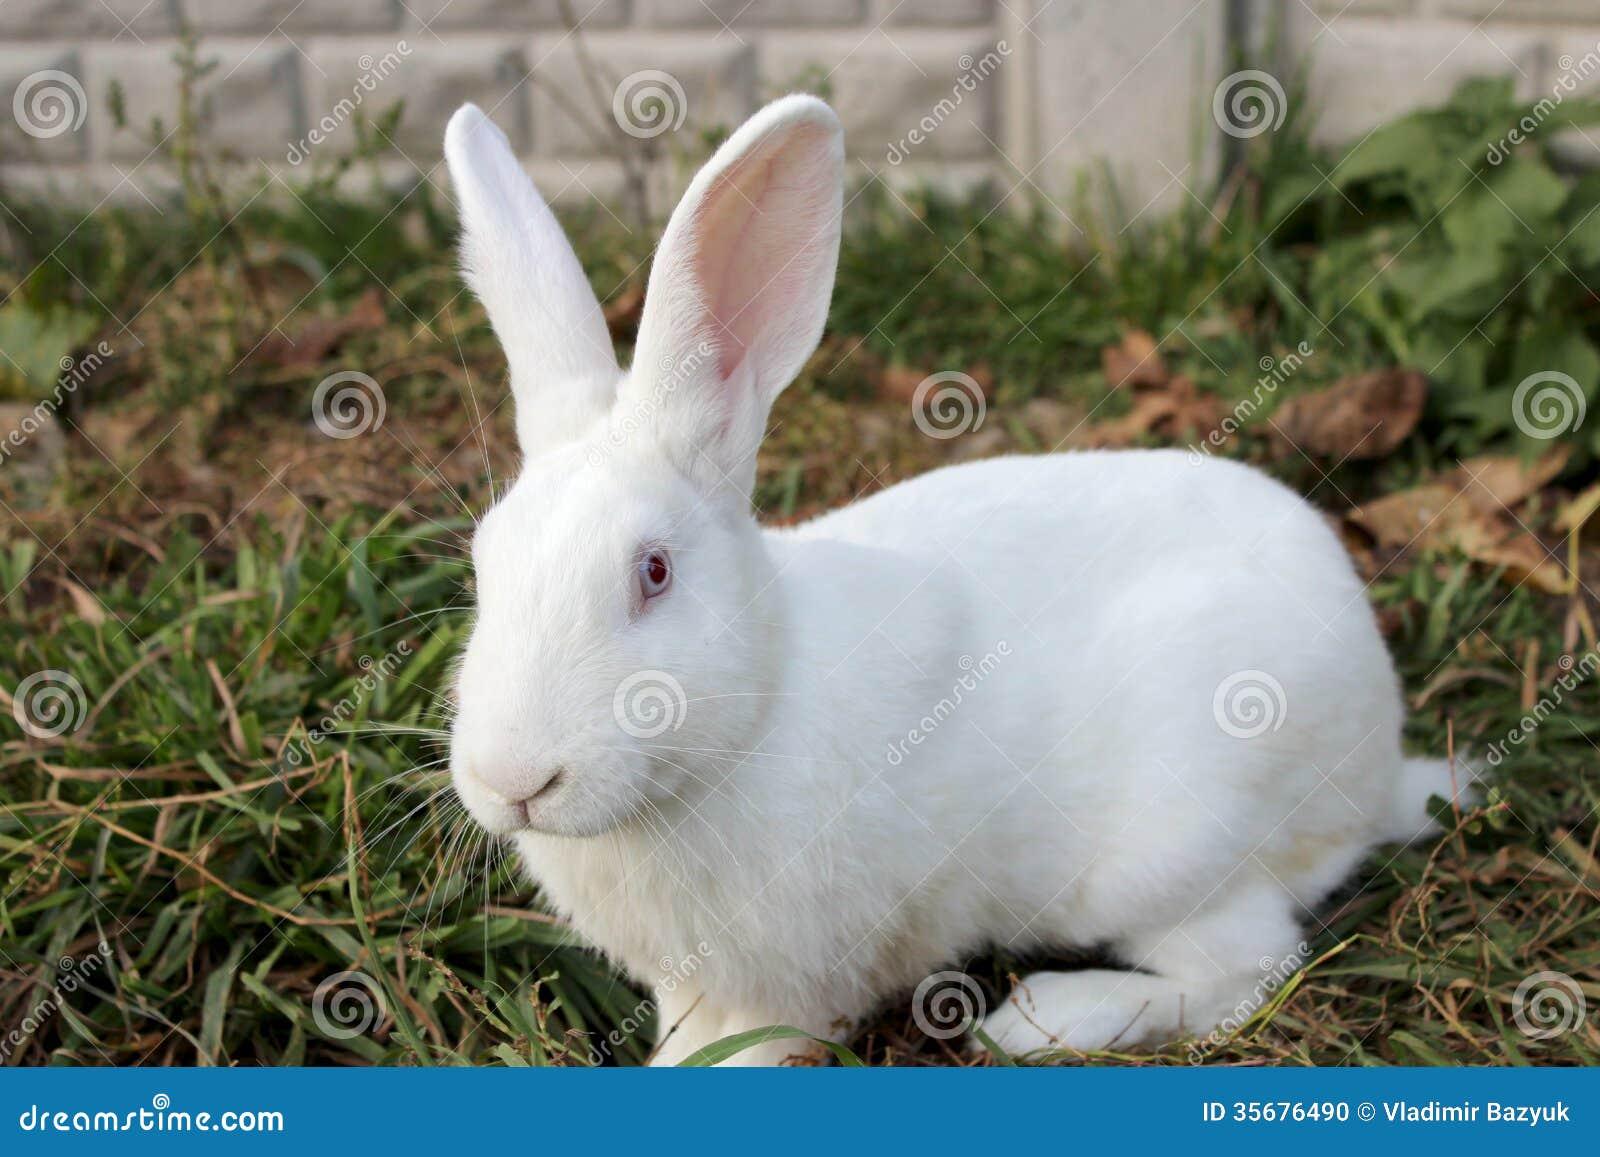 Fat beauty bunny de la cruz sucks a long dick and then fucks 9